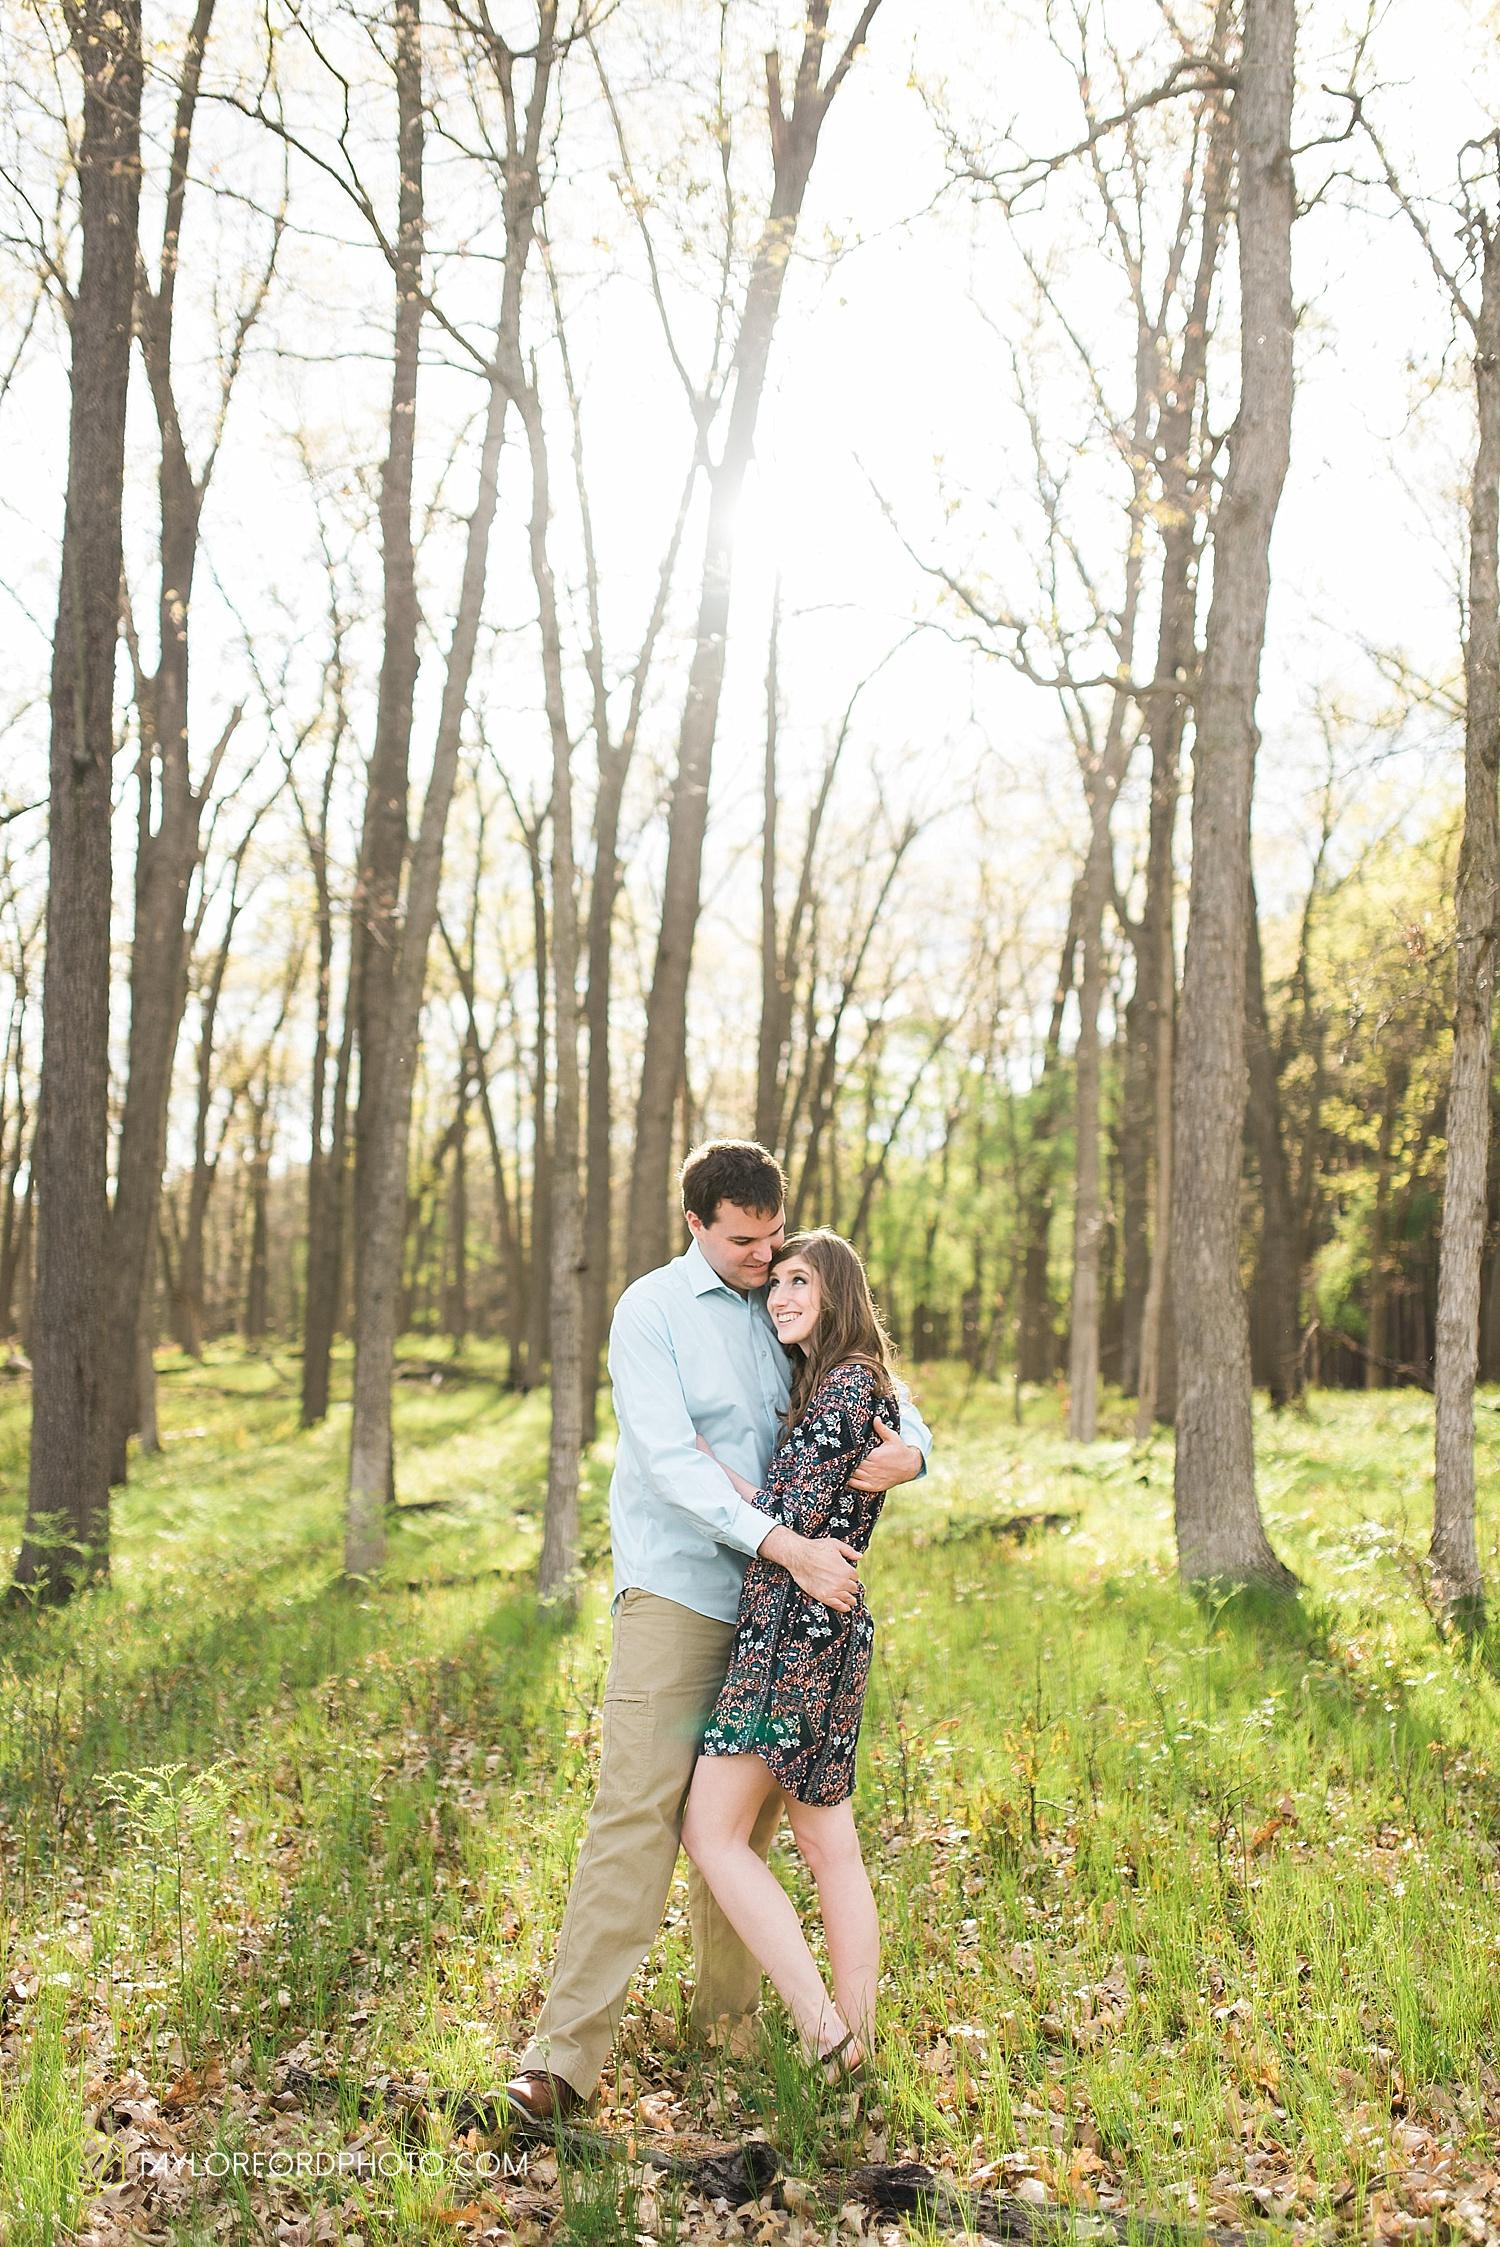 toledo-ohio-engagement-wedding-photographer-taylor-ford-photography-oaks-opening-metro-park-botanical-gardens24.jpg